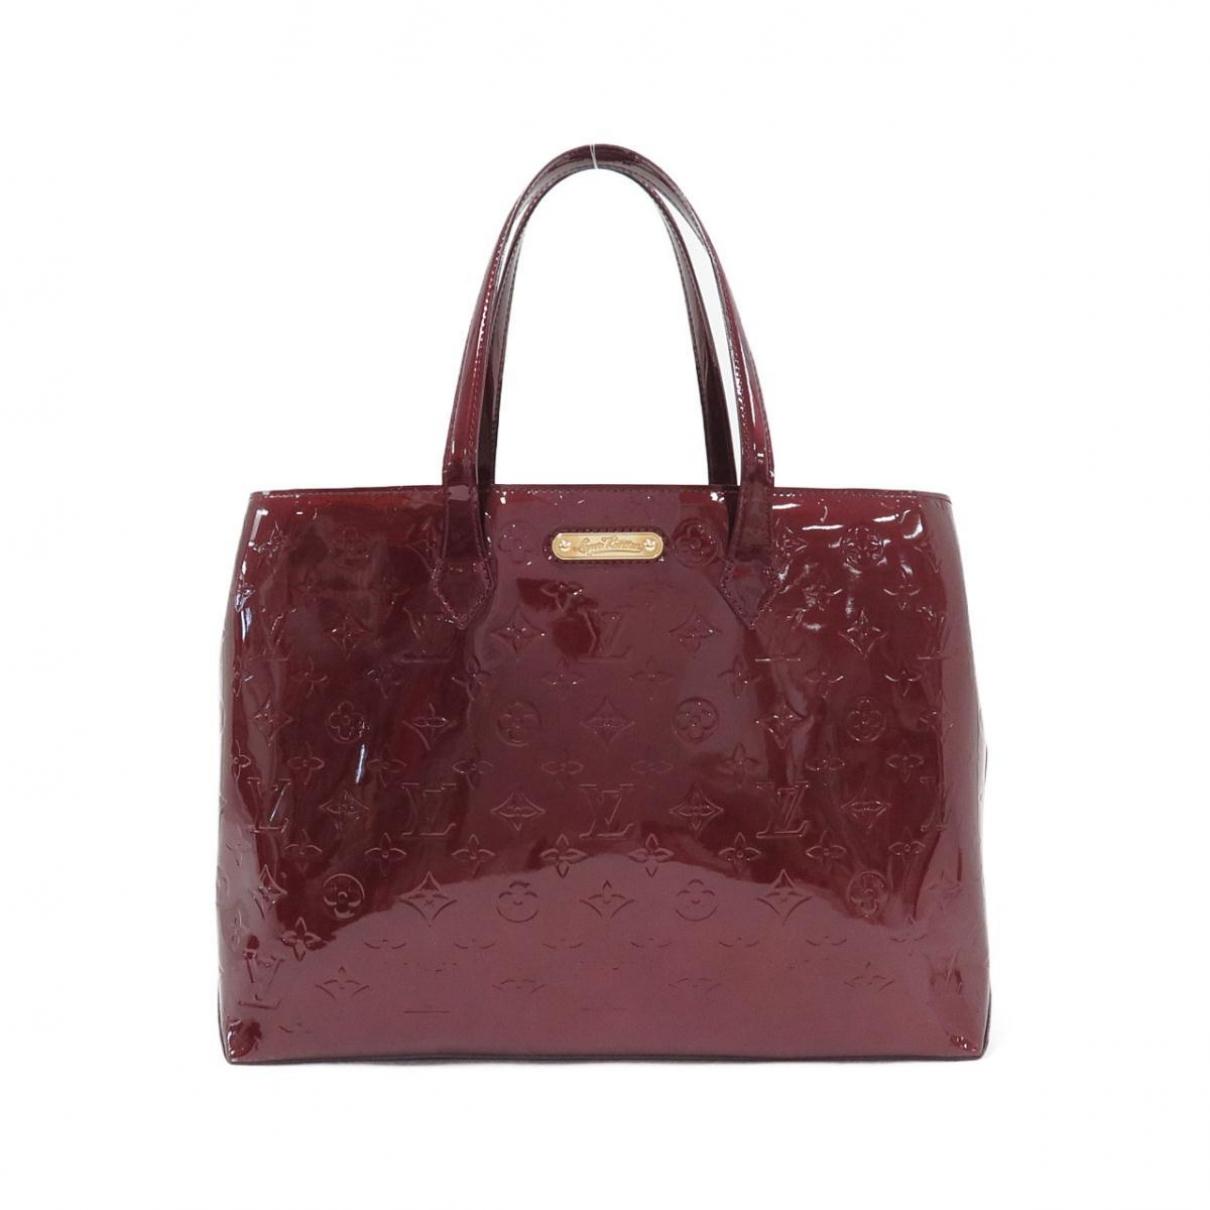 Louis Vuitton - Sac a main Wilshire pour femme en cuir verni - rouge